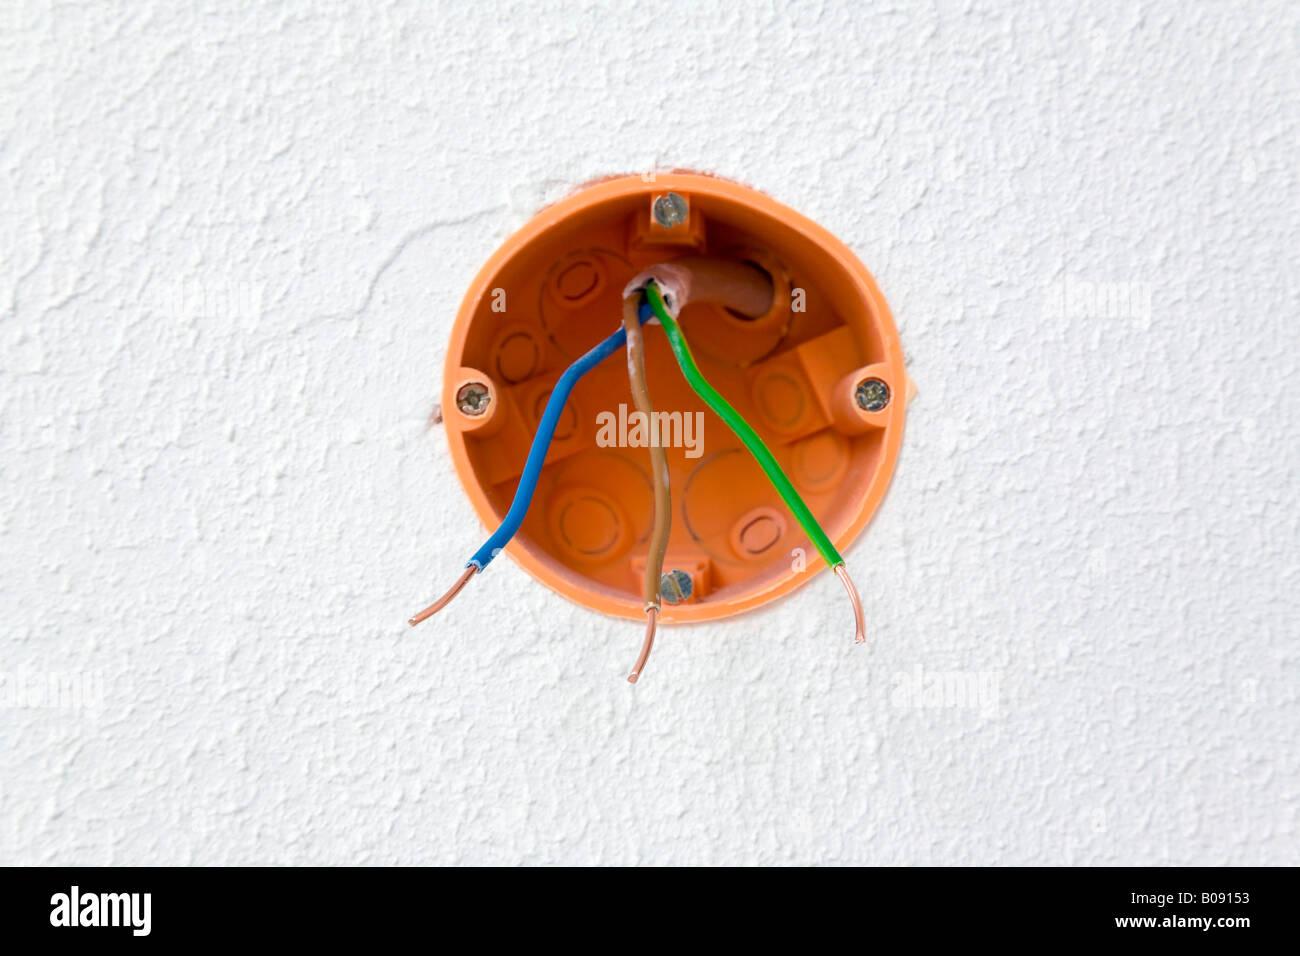 Anschlusskasten, elektrische Kabel-Box mit drei Drähten Stockbild